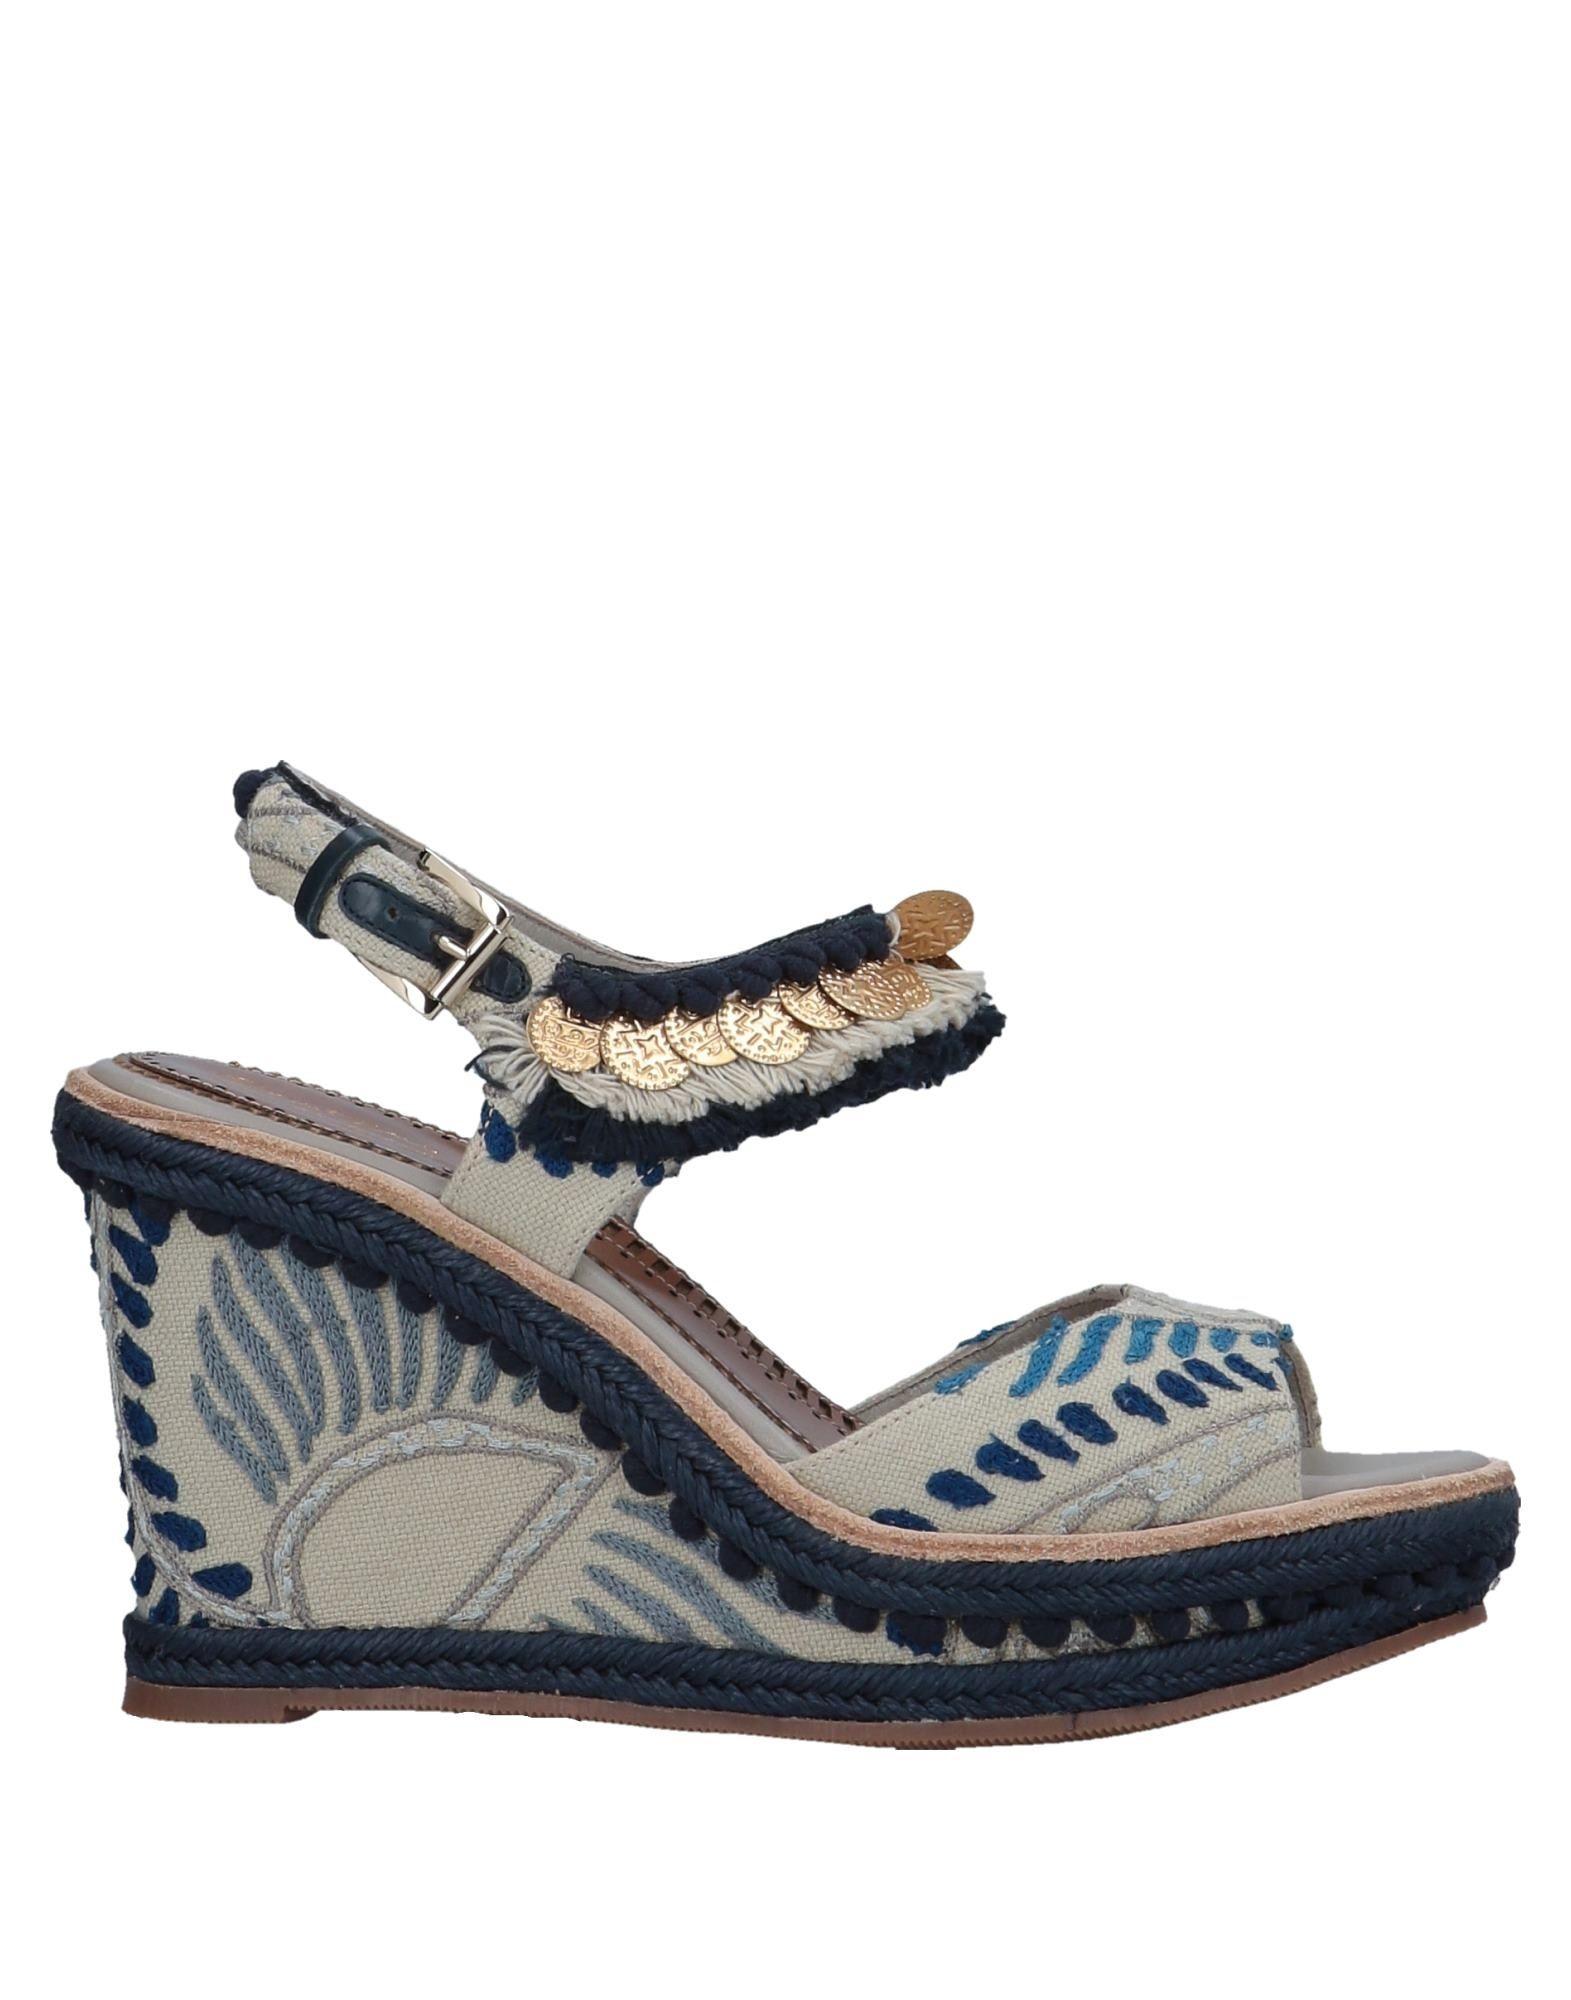 Sandali Santoni Donna - 11544056NE Scarpe economiche e buone